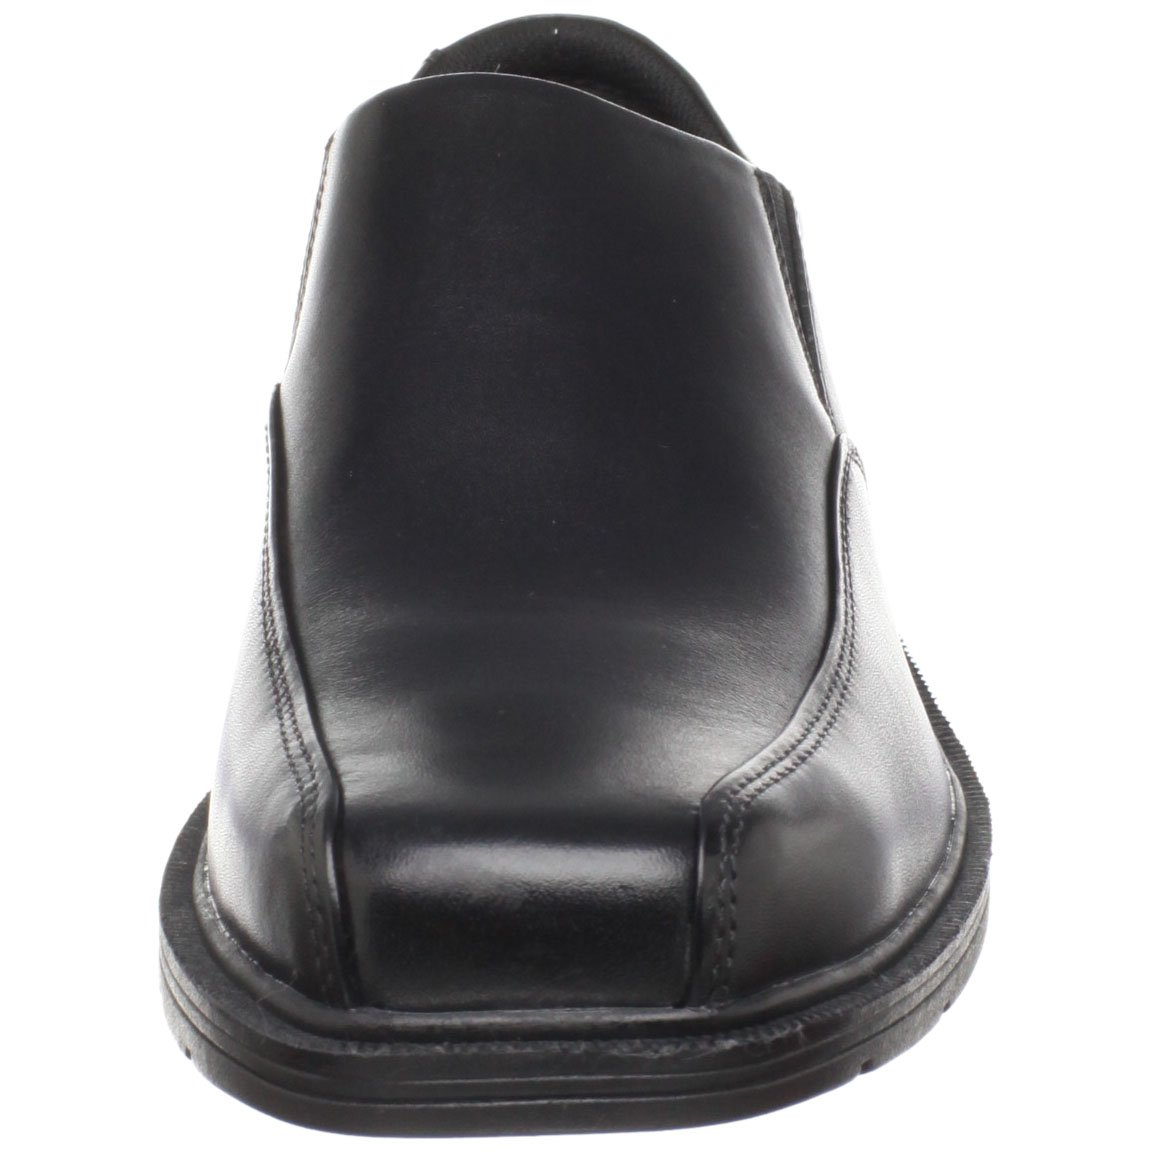 65fb6c89e83 Nunn bush mens jefferson loafer loafers slip ons jpg 1153x1153 Kohls  pointed blqck mens dress loafers